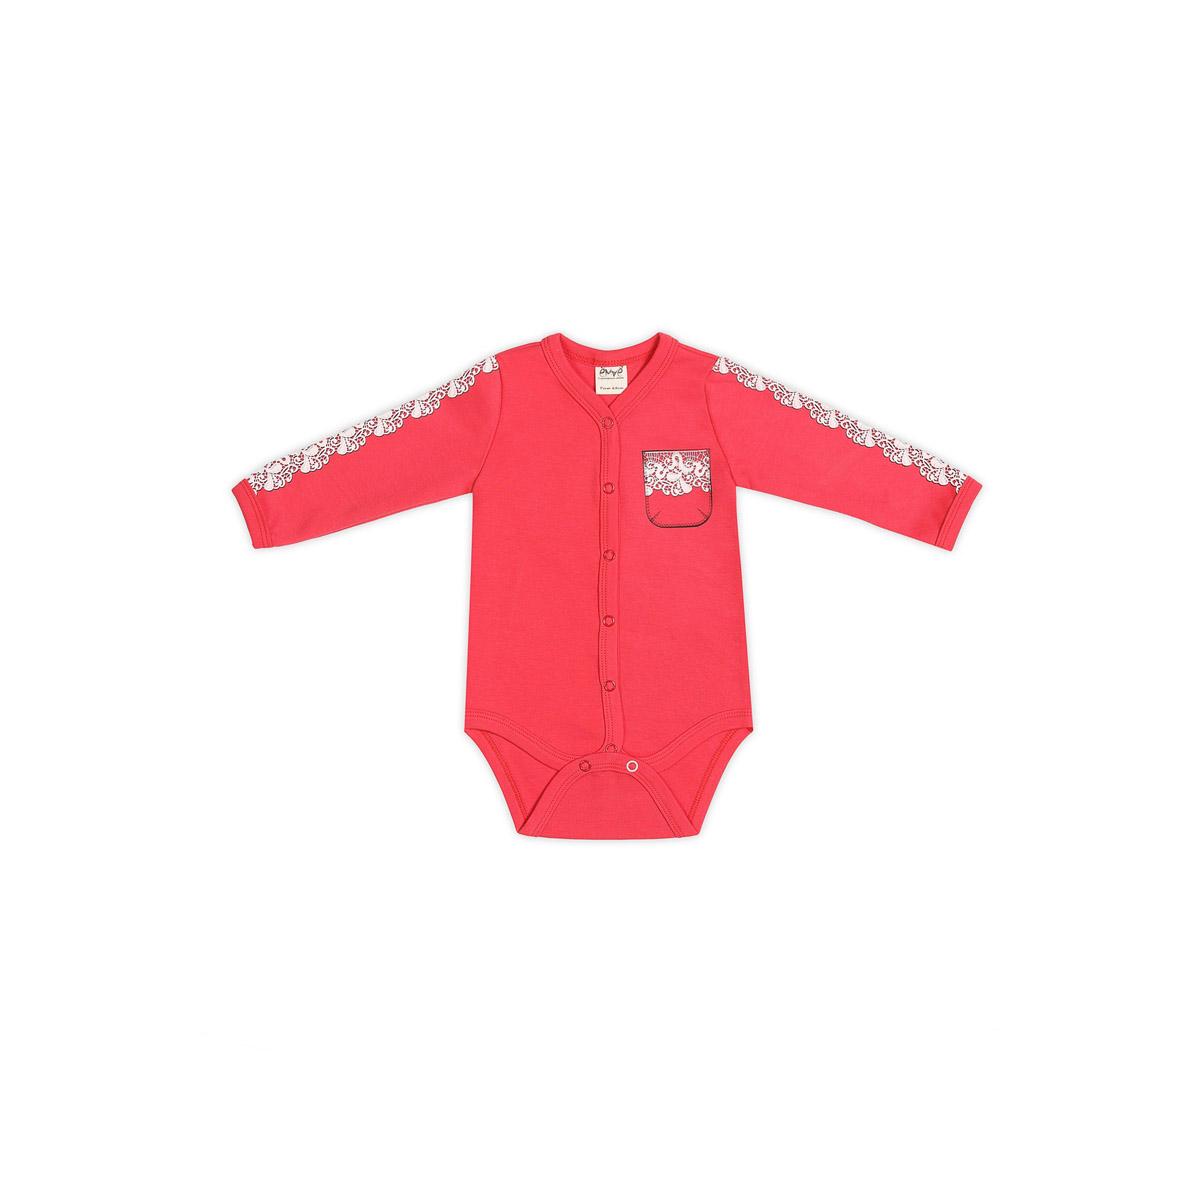 Боди Ёмаё Спорт (24-261) рост 68 ярко-розовый<br>